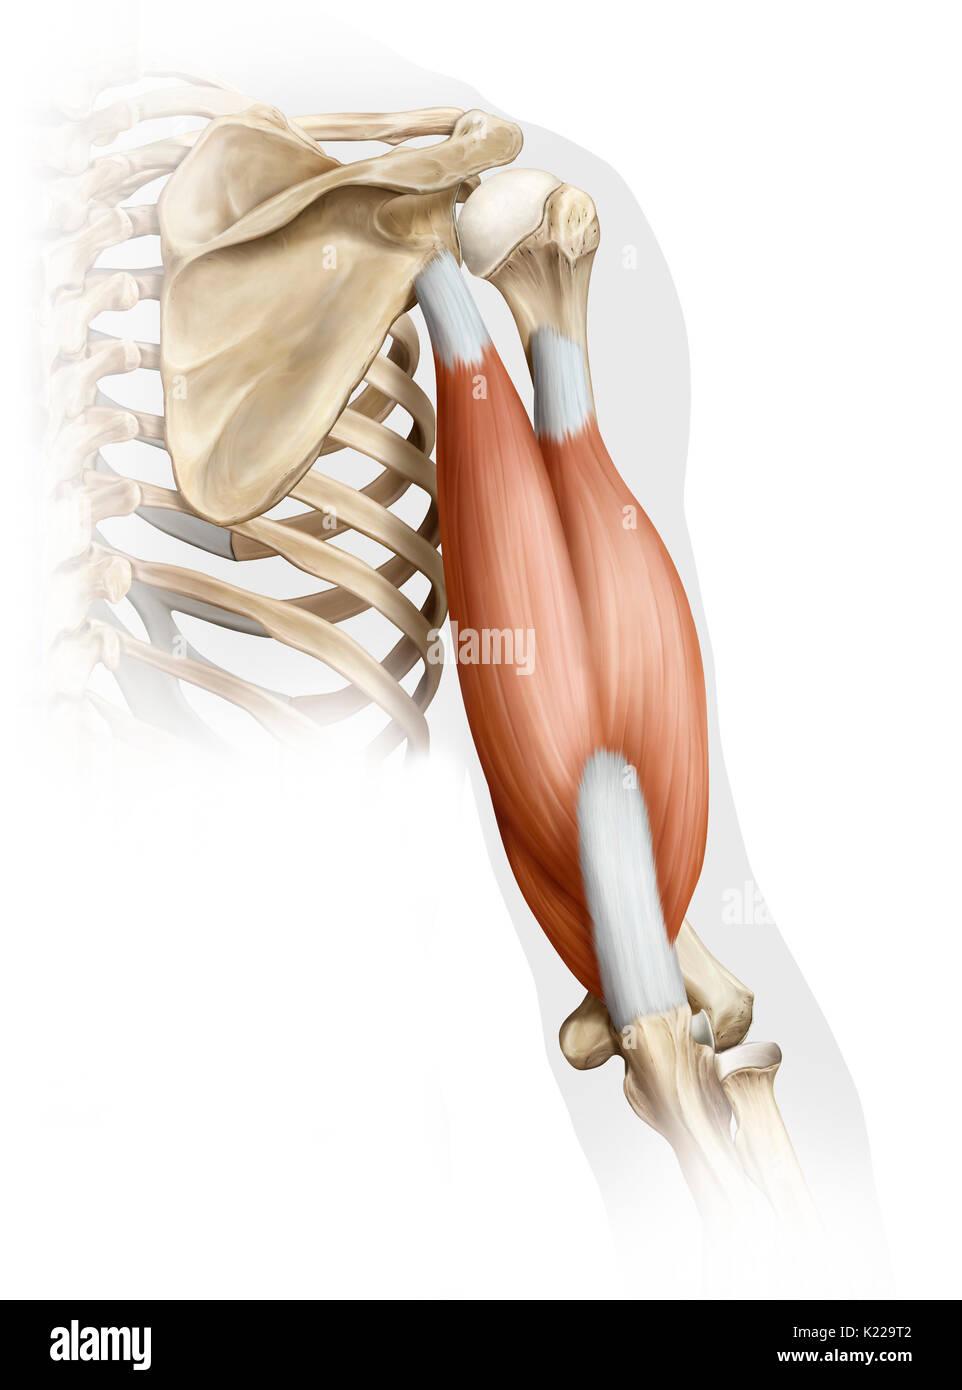 Ziemlich Muskeln Des Unterarms Anatomie Zeitgenössisch - Menschliche ...